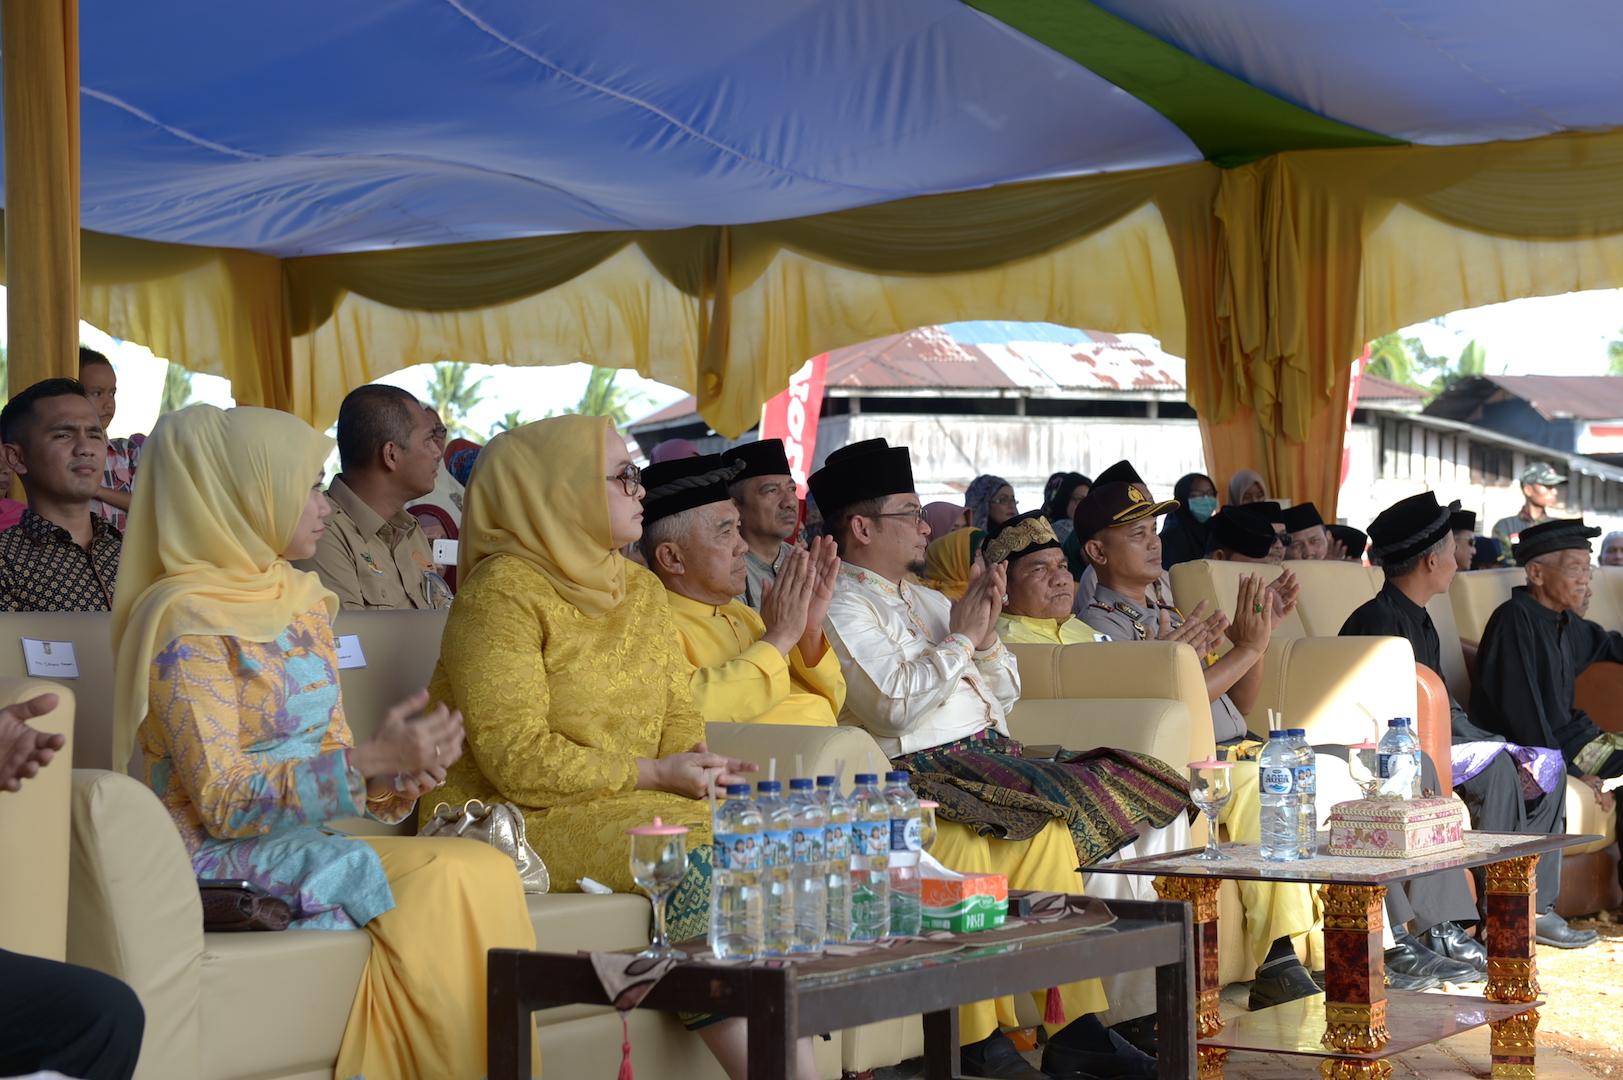 Gubri beserta isteri saat hadiri Festval Equator 2016 di Lipat kain Kec kampar kiri Kab Kampar